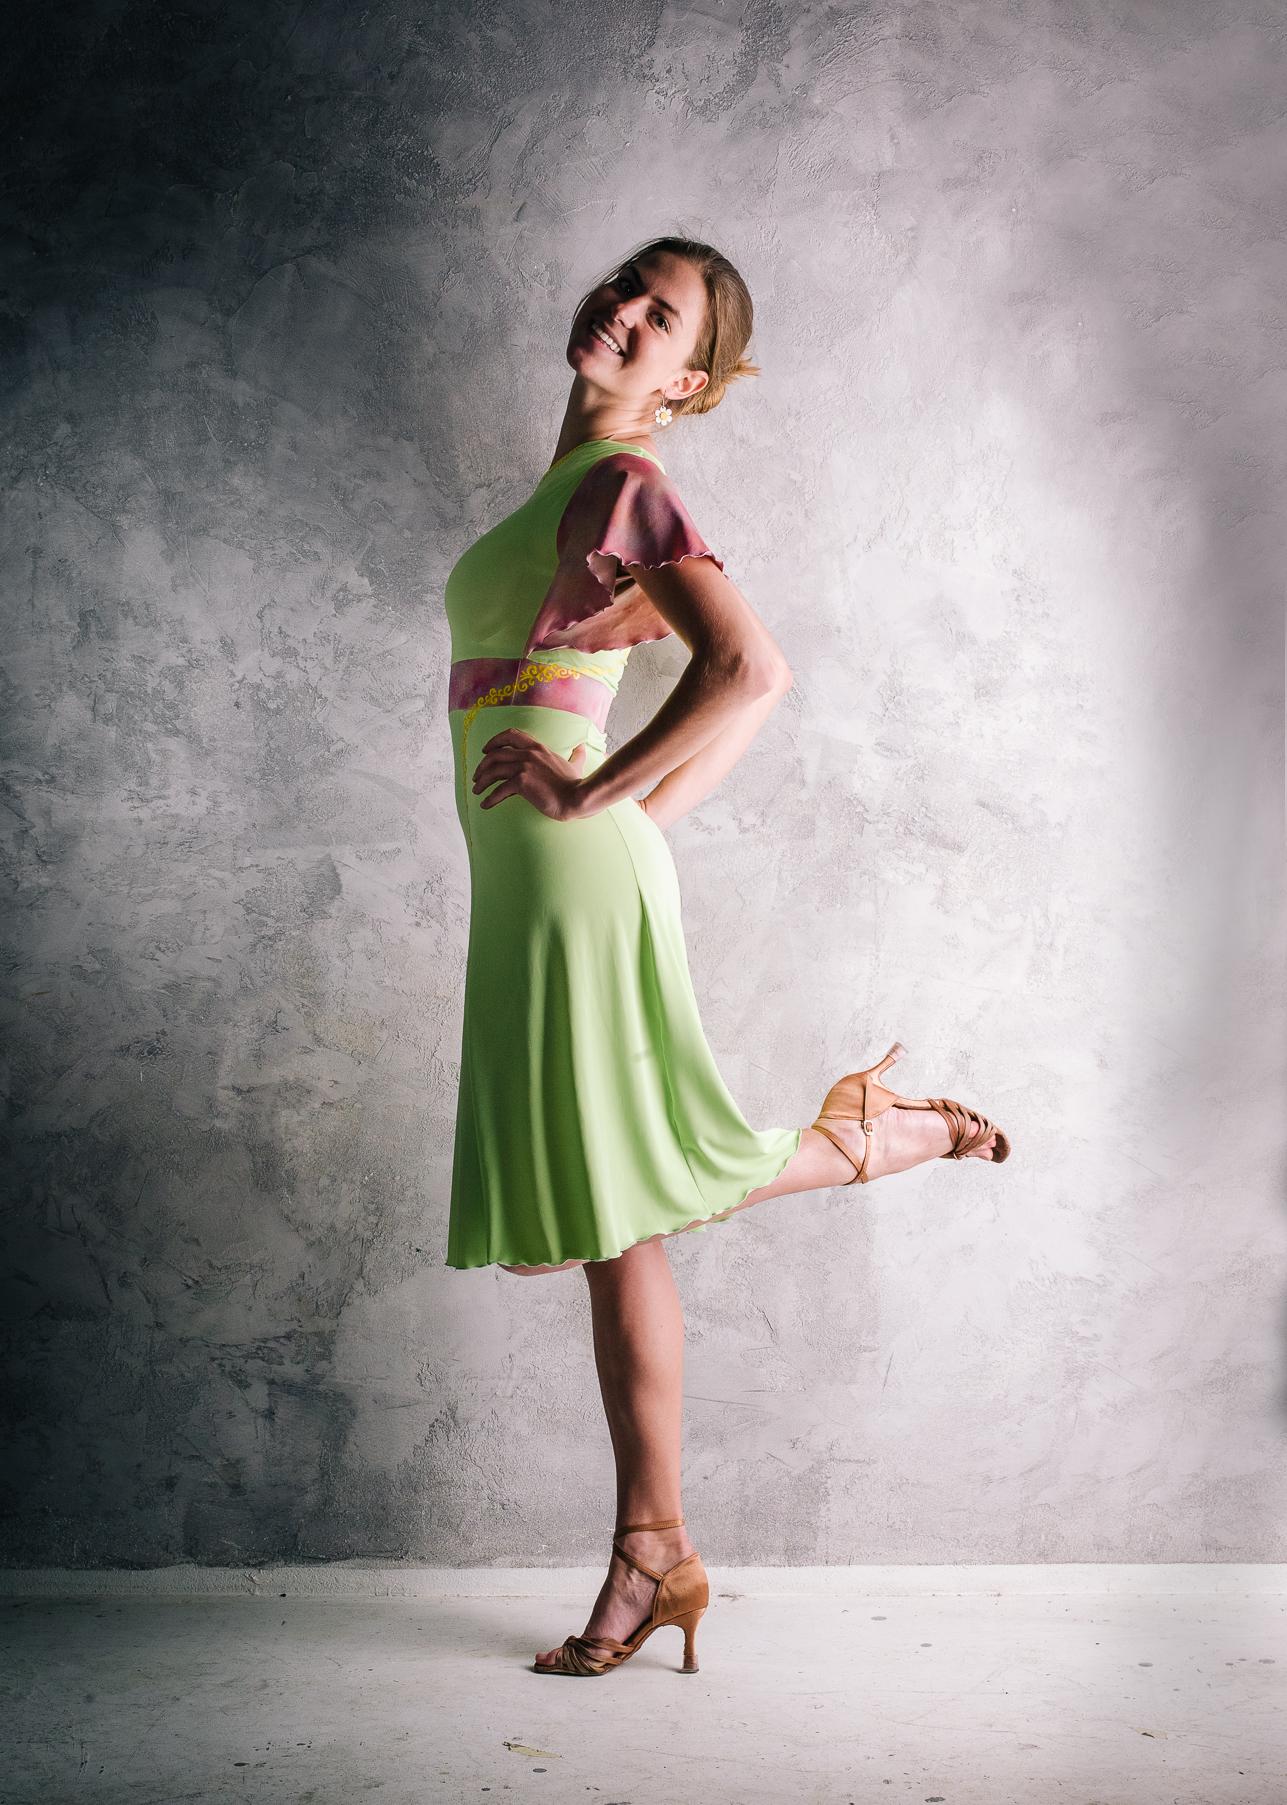 Asymetrické letní nebo taneční šatičky   Zboží prodejce barunkulus ... d2bdf1c625